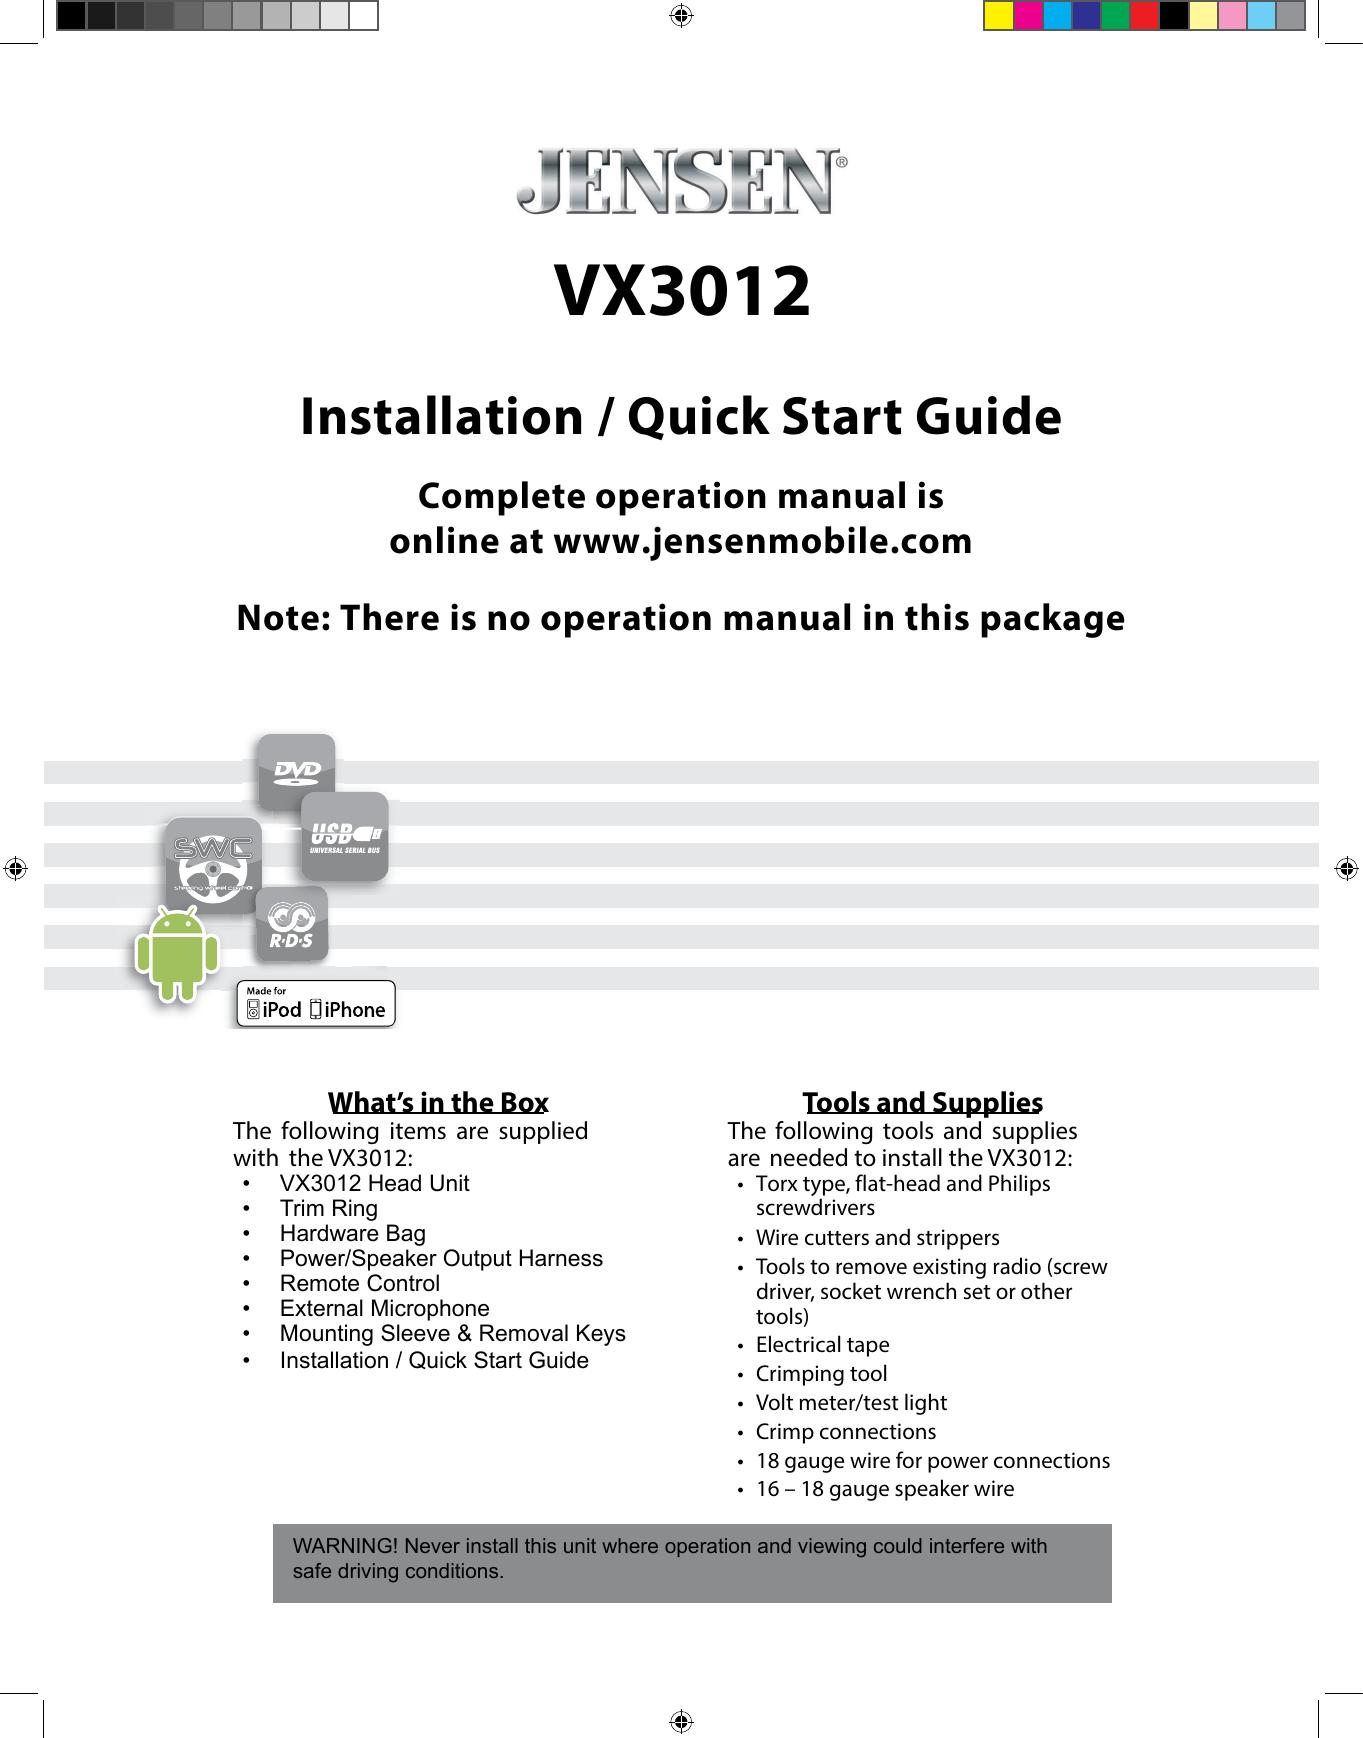 Jensen VX3010 IM_v1.revised VX 3012 Installation Quick Start ... on jensen tools, jensen cd3010x wiring harness, jensen vm9312 wiring, accel ecm wire diagram, jensen speaker, jensen din 8 pin,